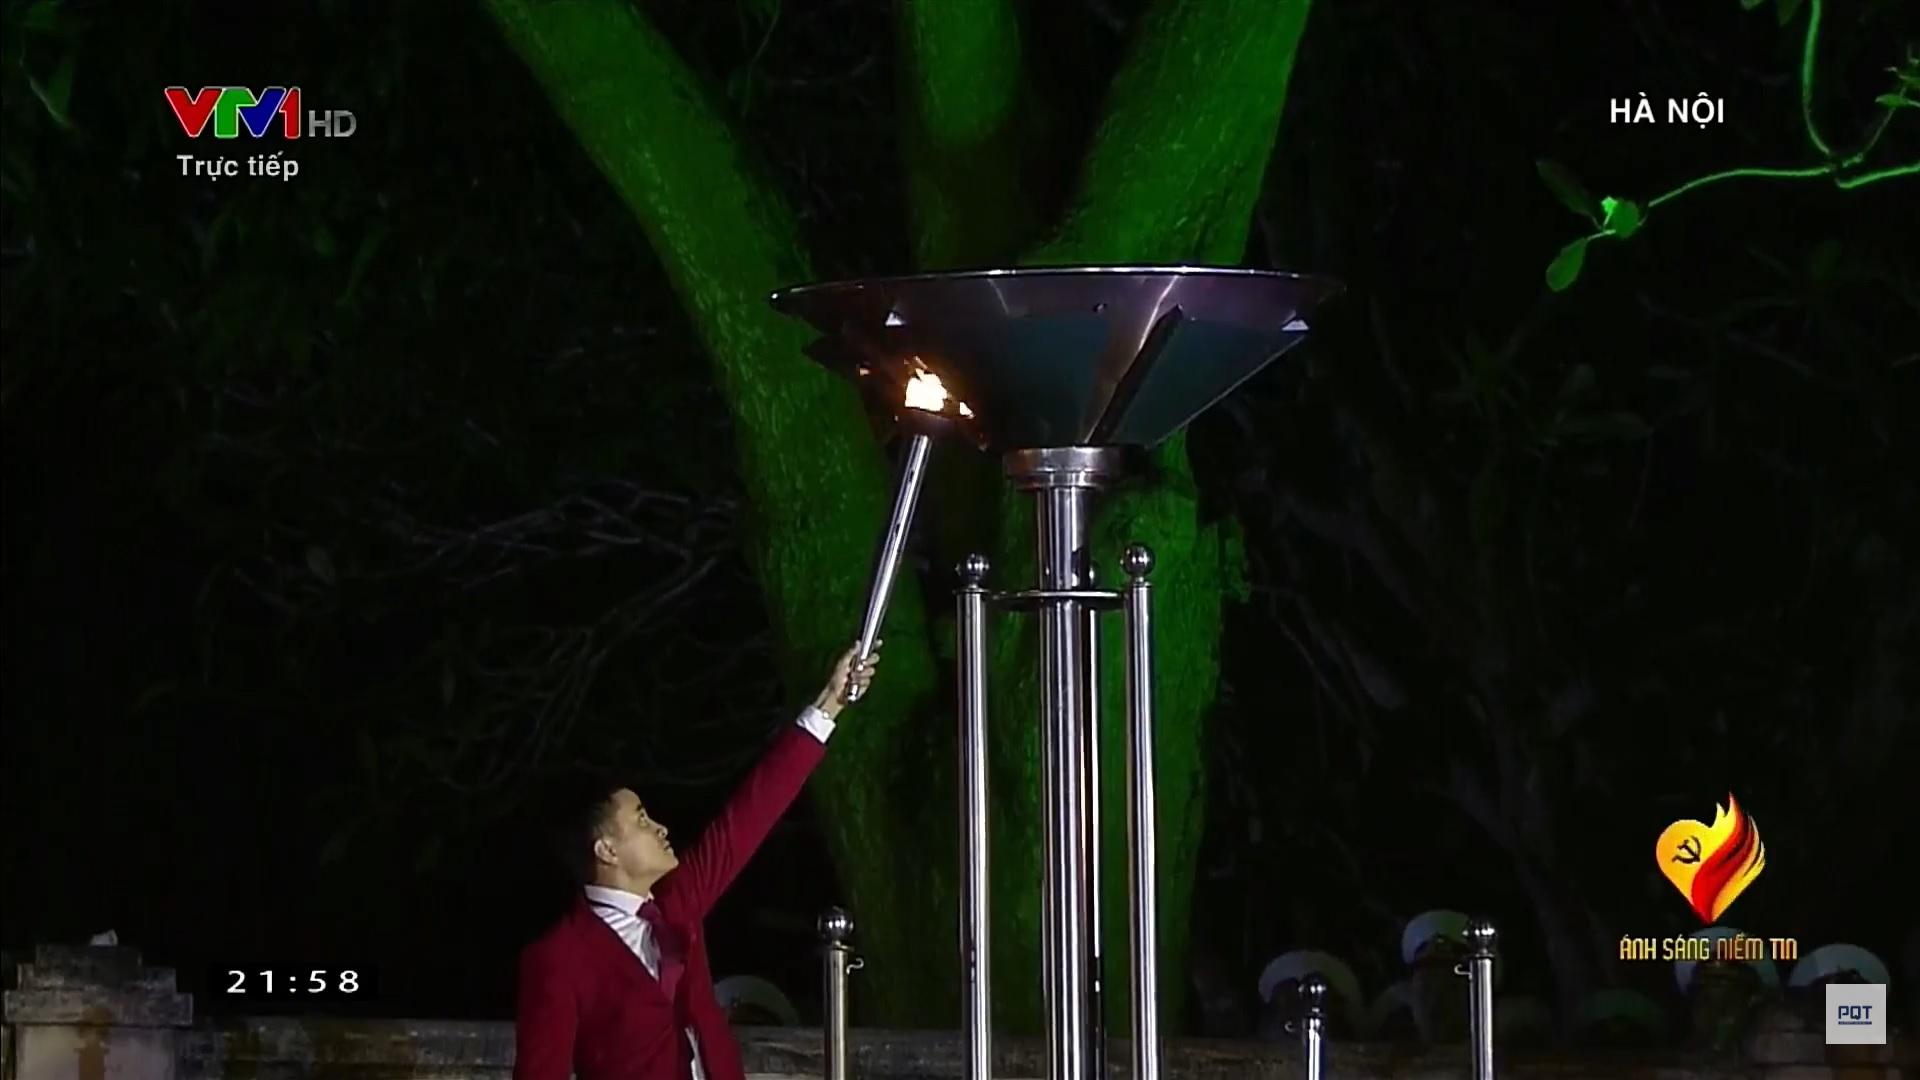 Tại điểm cầu Hà Nội, các gương mặt tiêu biểu đại diện cho thế hệ trẻ của đất nước rước ngọn lửa, tượng trưng cho ánh sáng niềm tin đã được các bậc tiền bối cách mạng thắp lên. Đại diện cho các bạn trẻ, kiếm thủ Vũ Thành An (HCV đấu kiếm tại Sea Games 28, 29, 30. HCĐ giải vô địch Châu Á) lên thắp ngọn